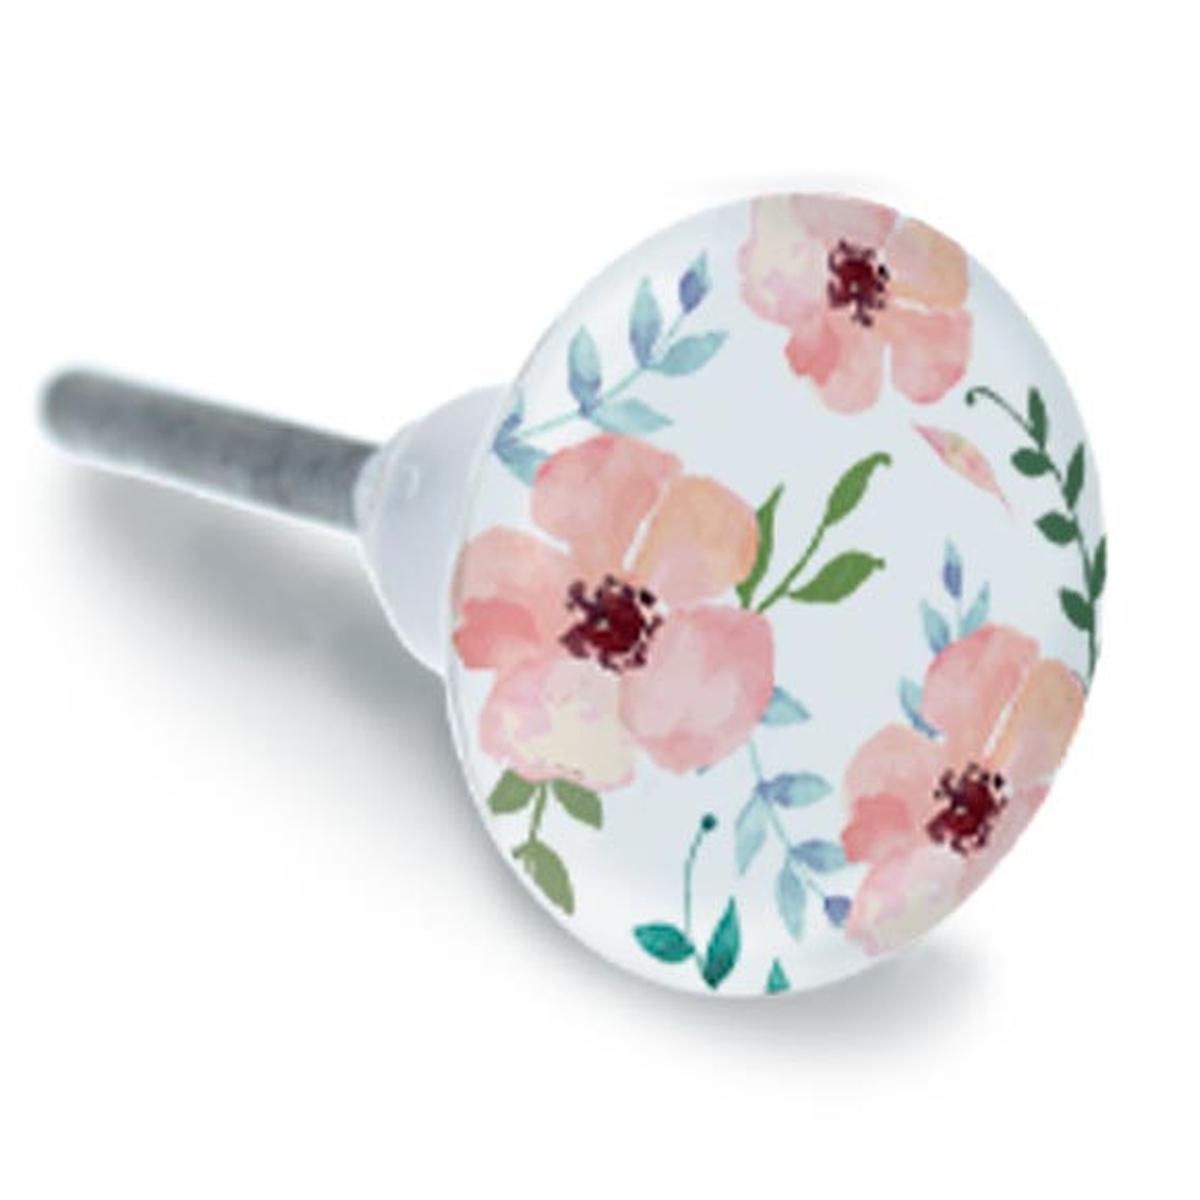 Bouton meuble céramique \'Floralies\' rose - 65x35 mm - [A1932]